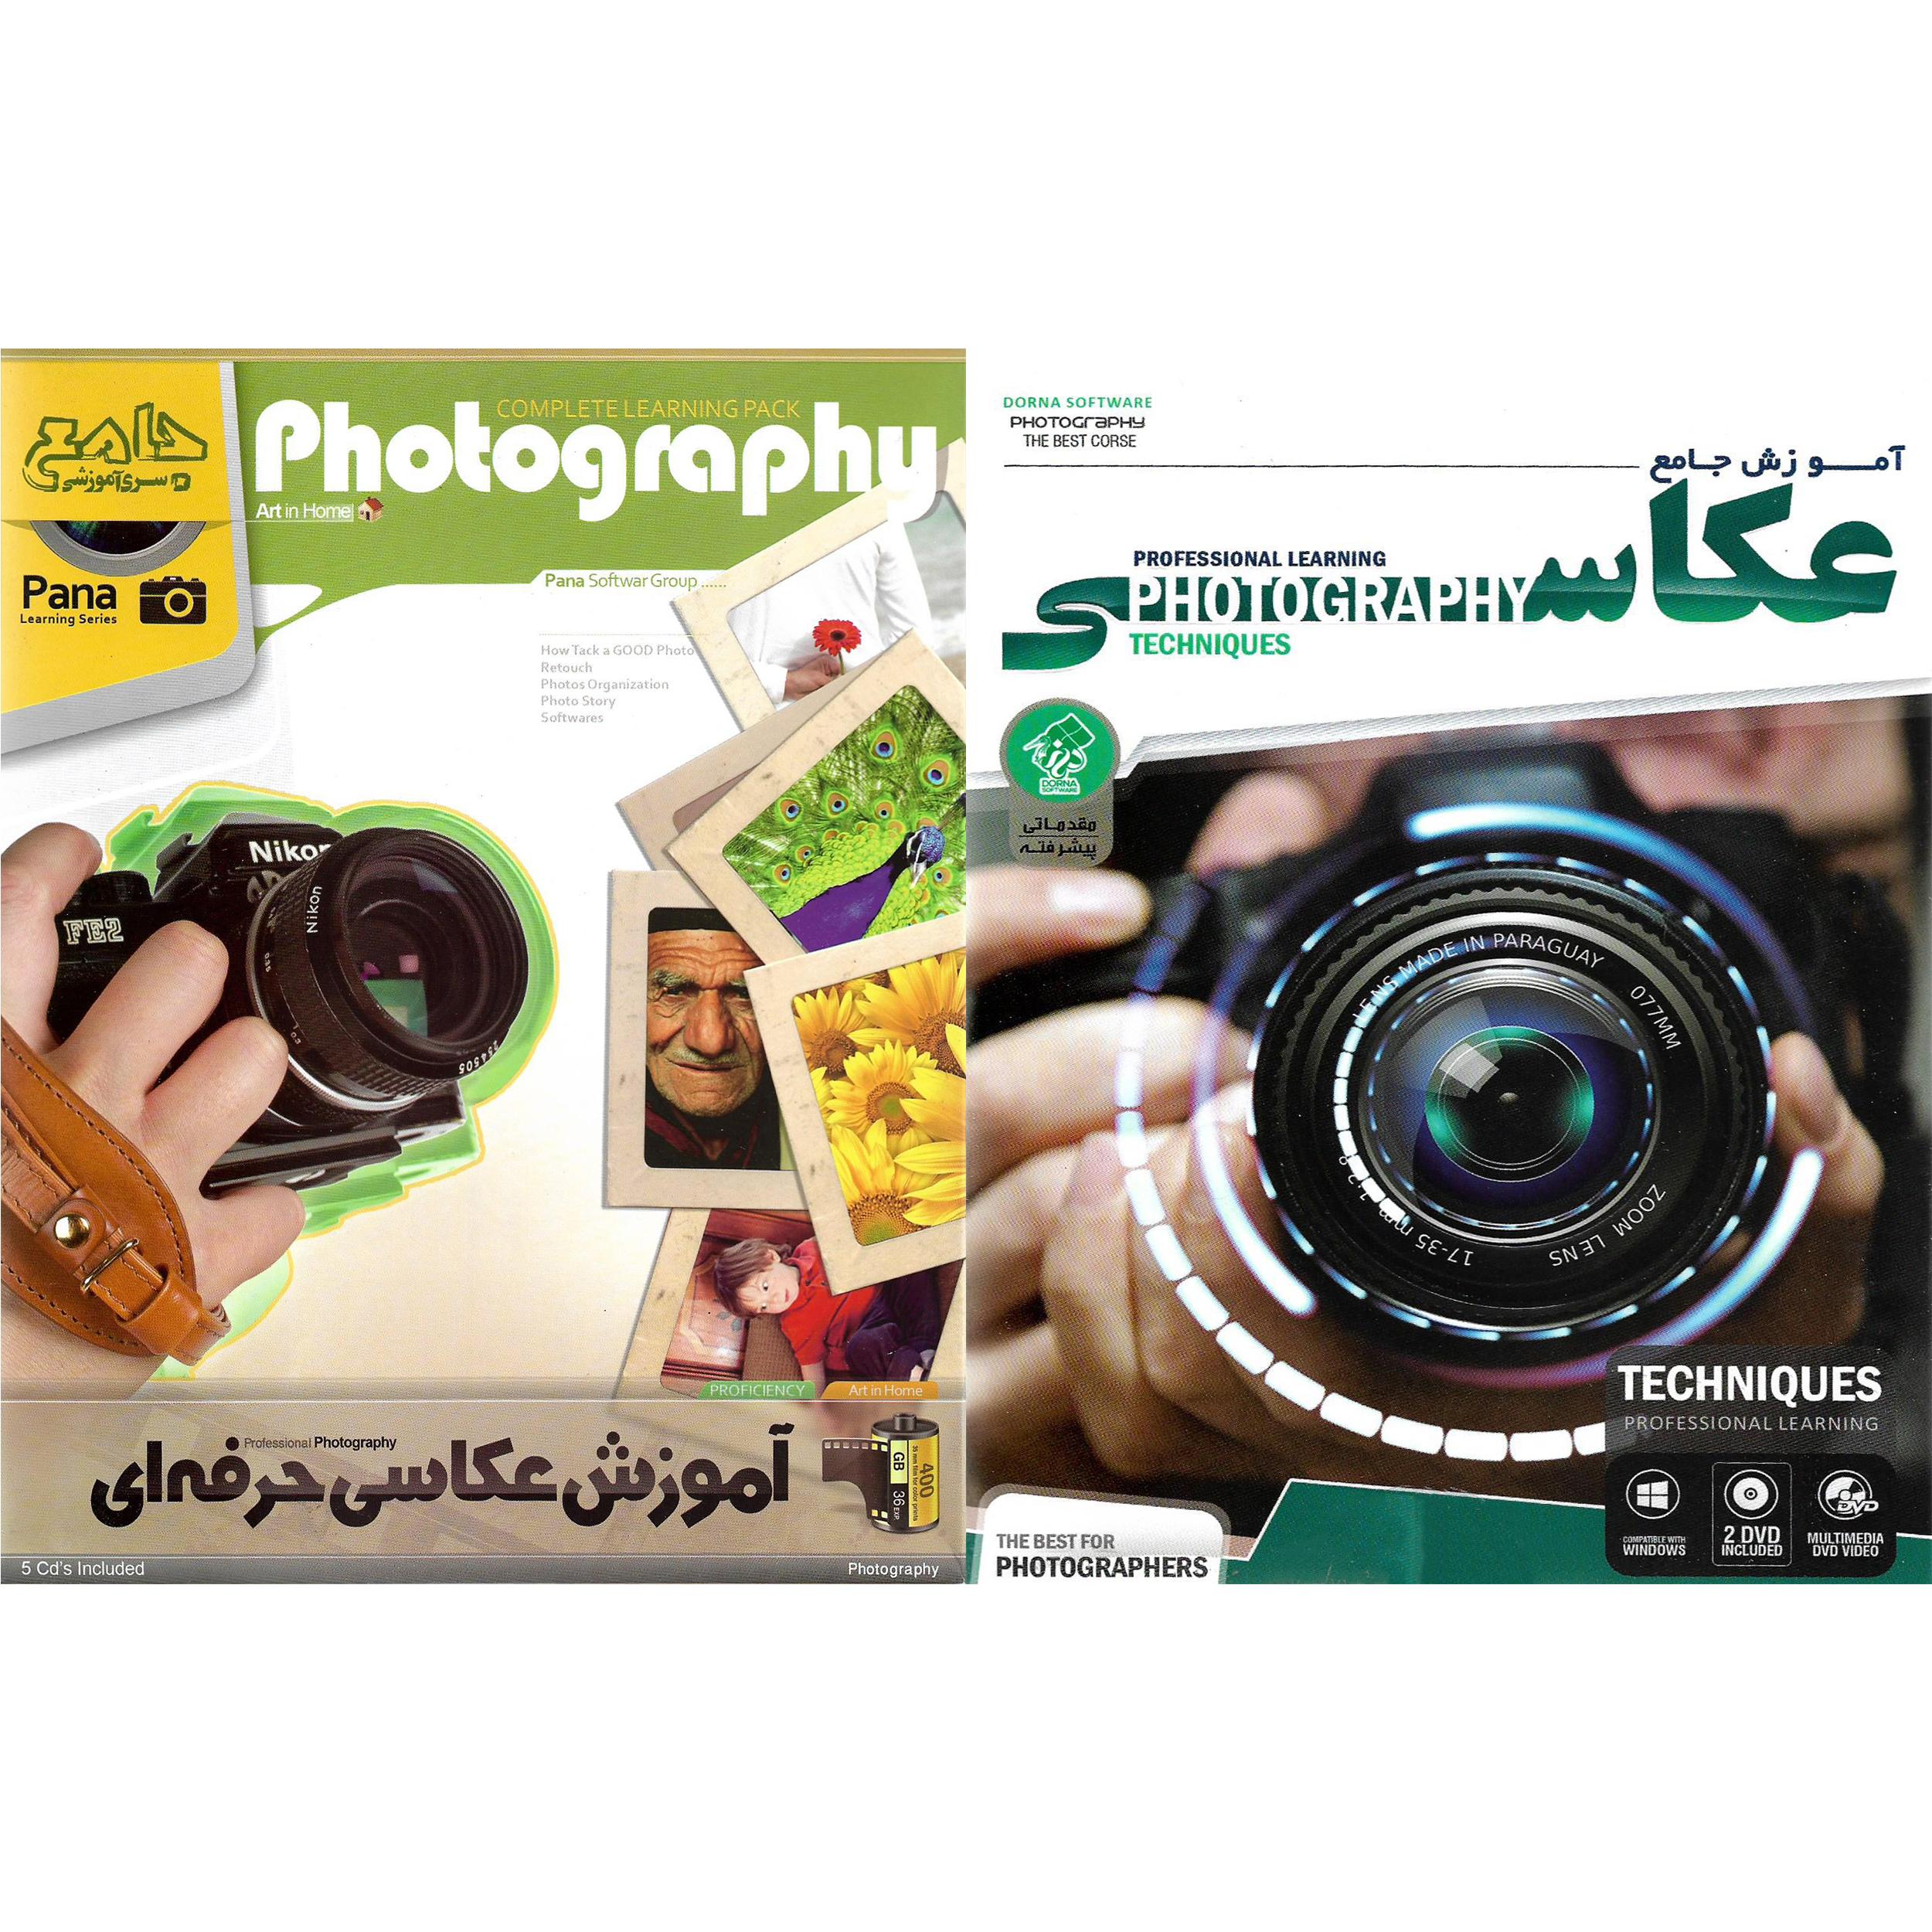 نرم افزار آموزش جامع عکاسی نشر درنا به همراه نرم افزار آموزش عکاسی حرفه ای نشر پانا